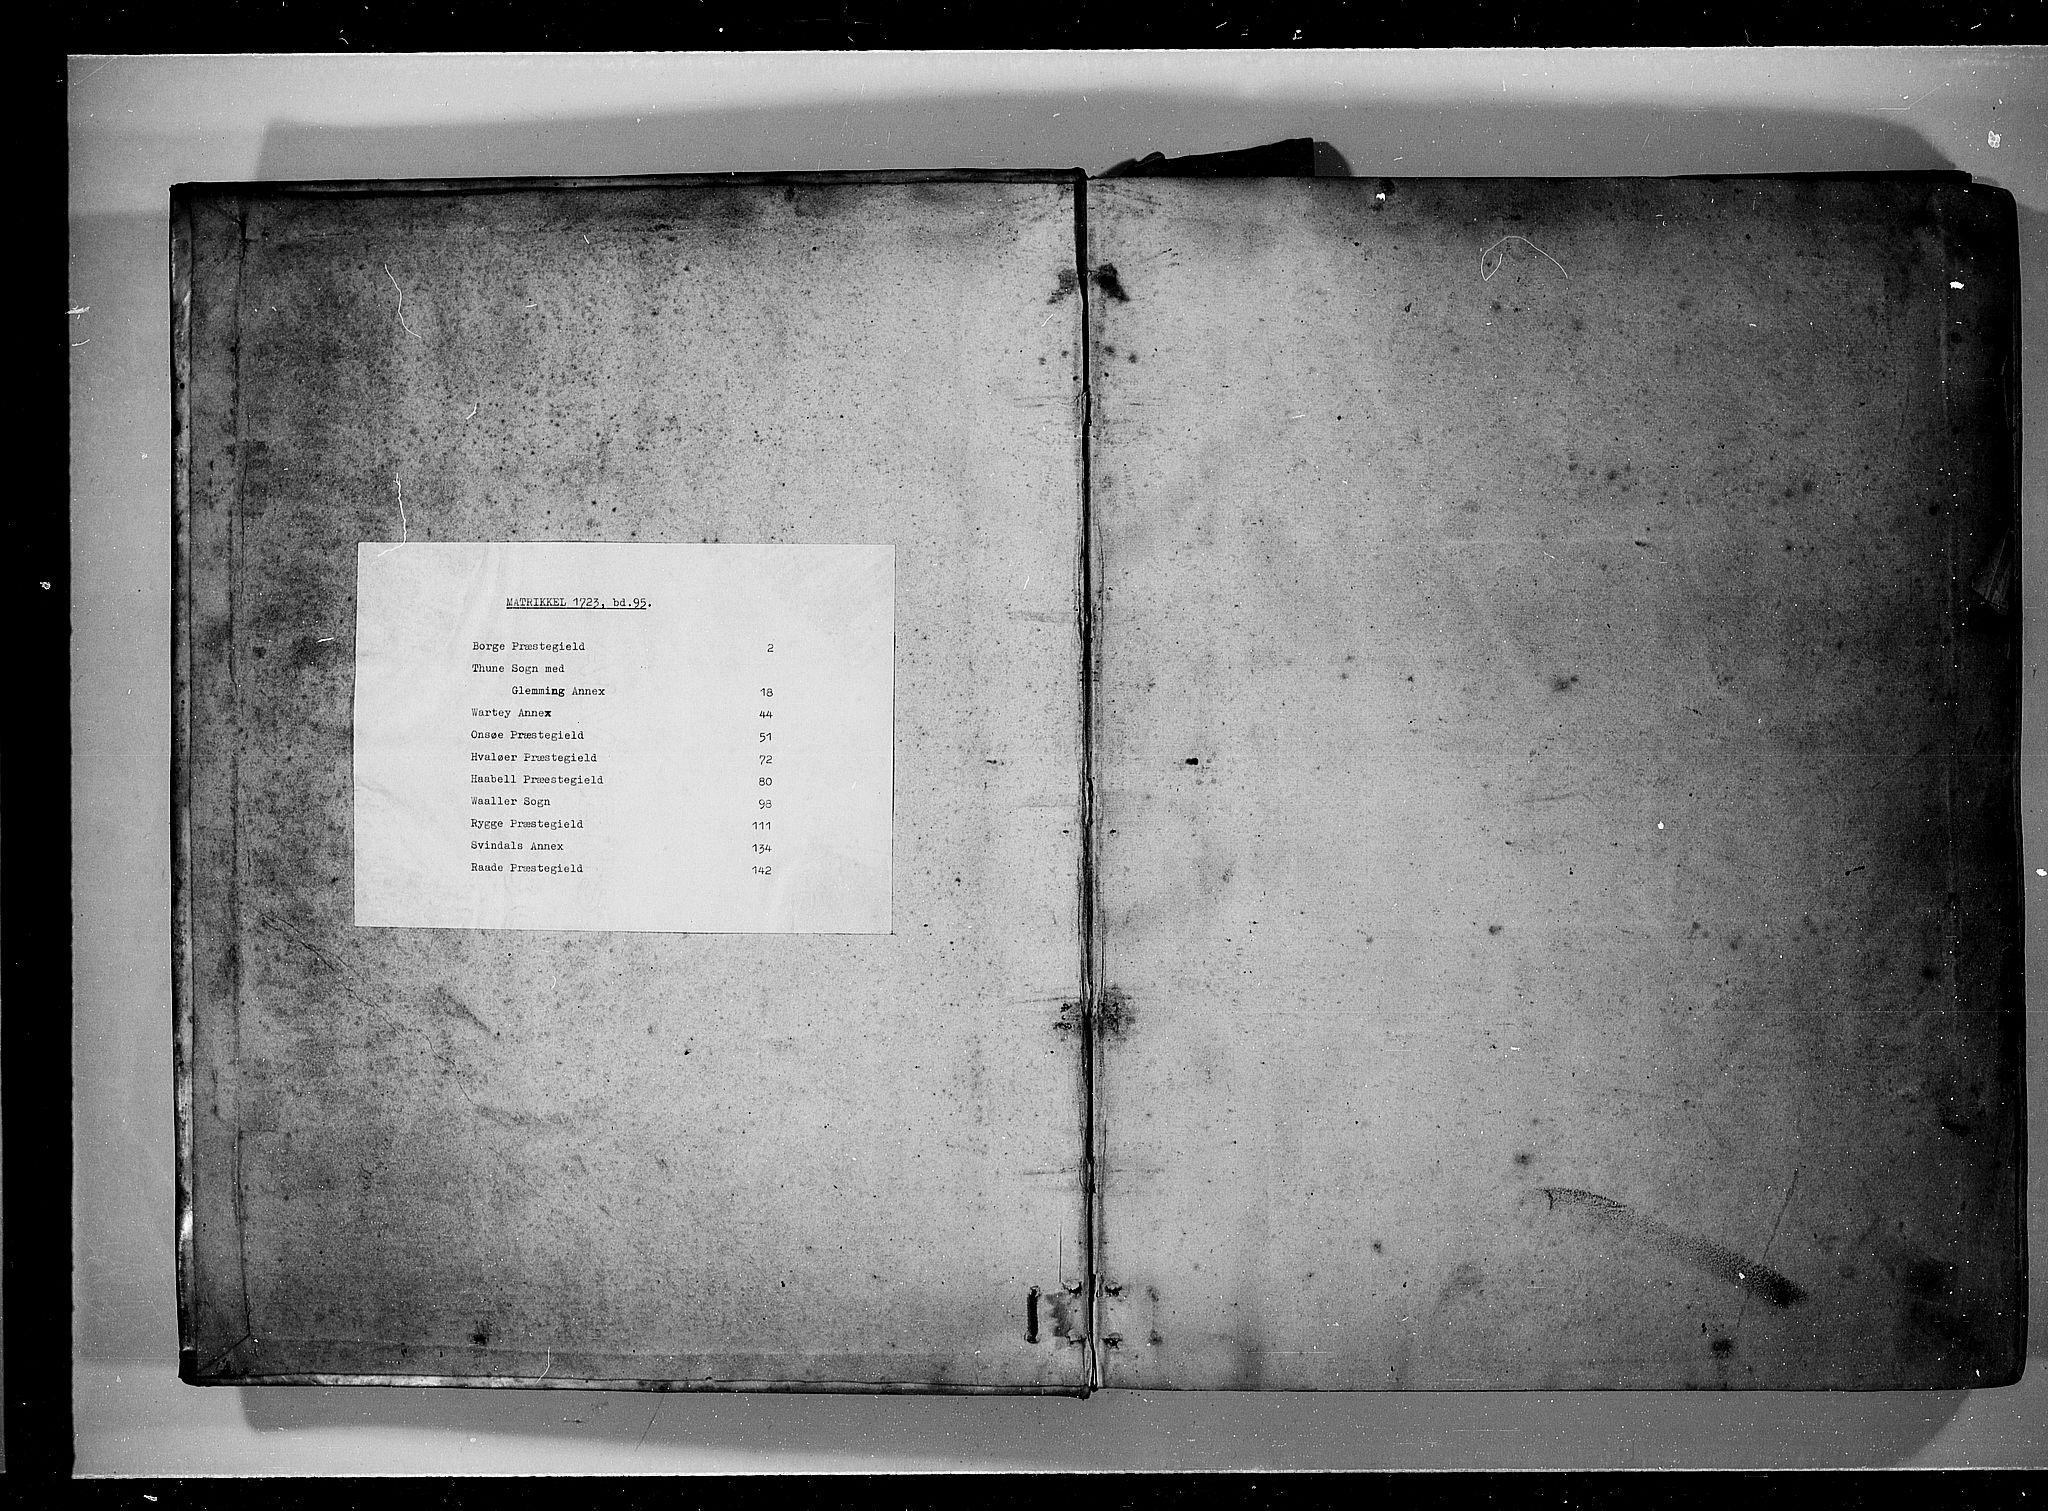 RA, Rentekammeret inntil 1814, Realistisk ordnet avdeling, N/Nb/Nbf/L0095: Moss, Onsøy, Tune og Veme eksaminasjonsprotokoll, 1723, s. upaginert